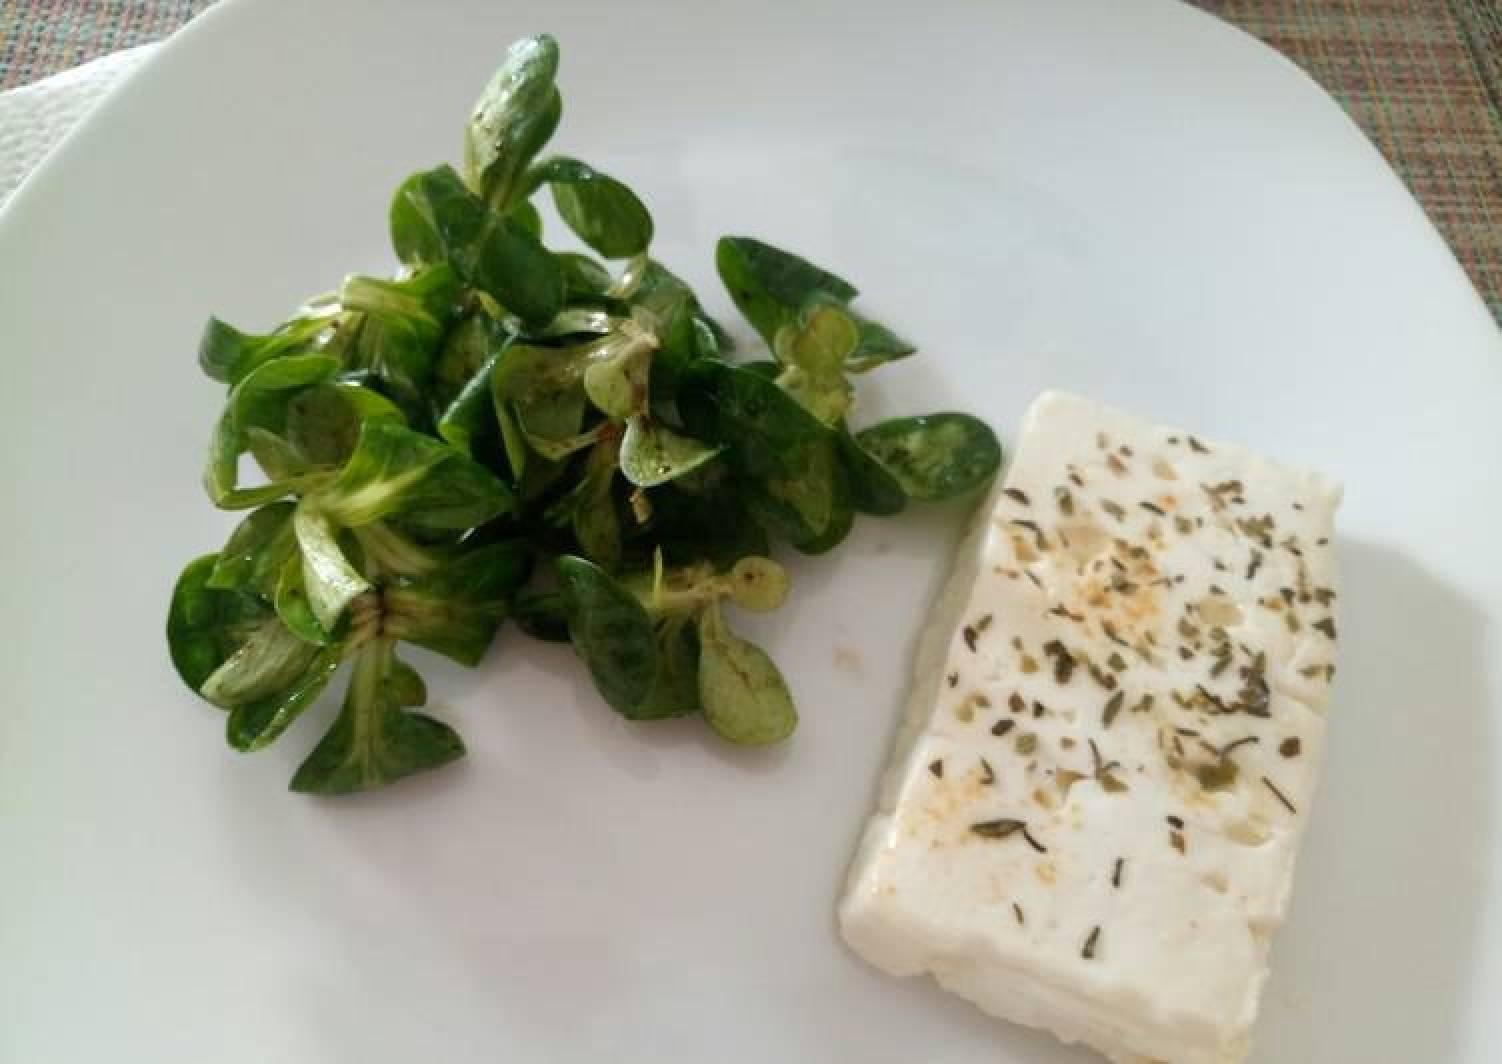 Baked feta cheese